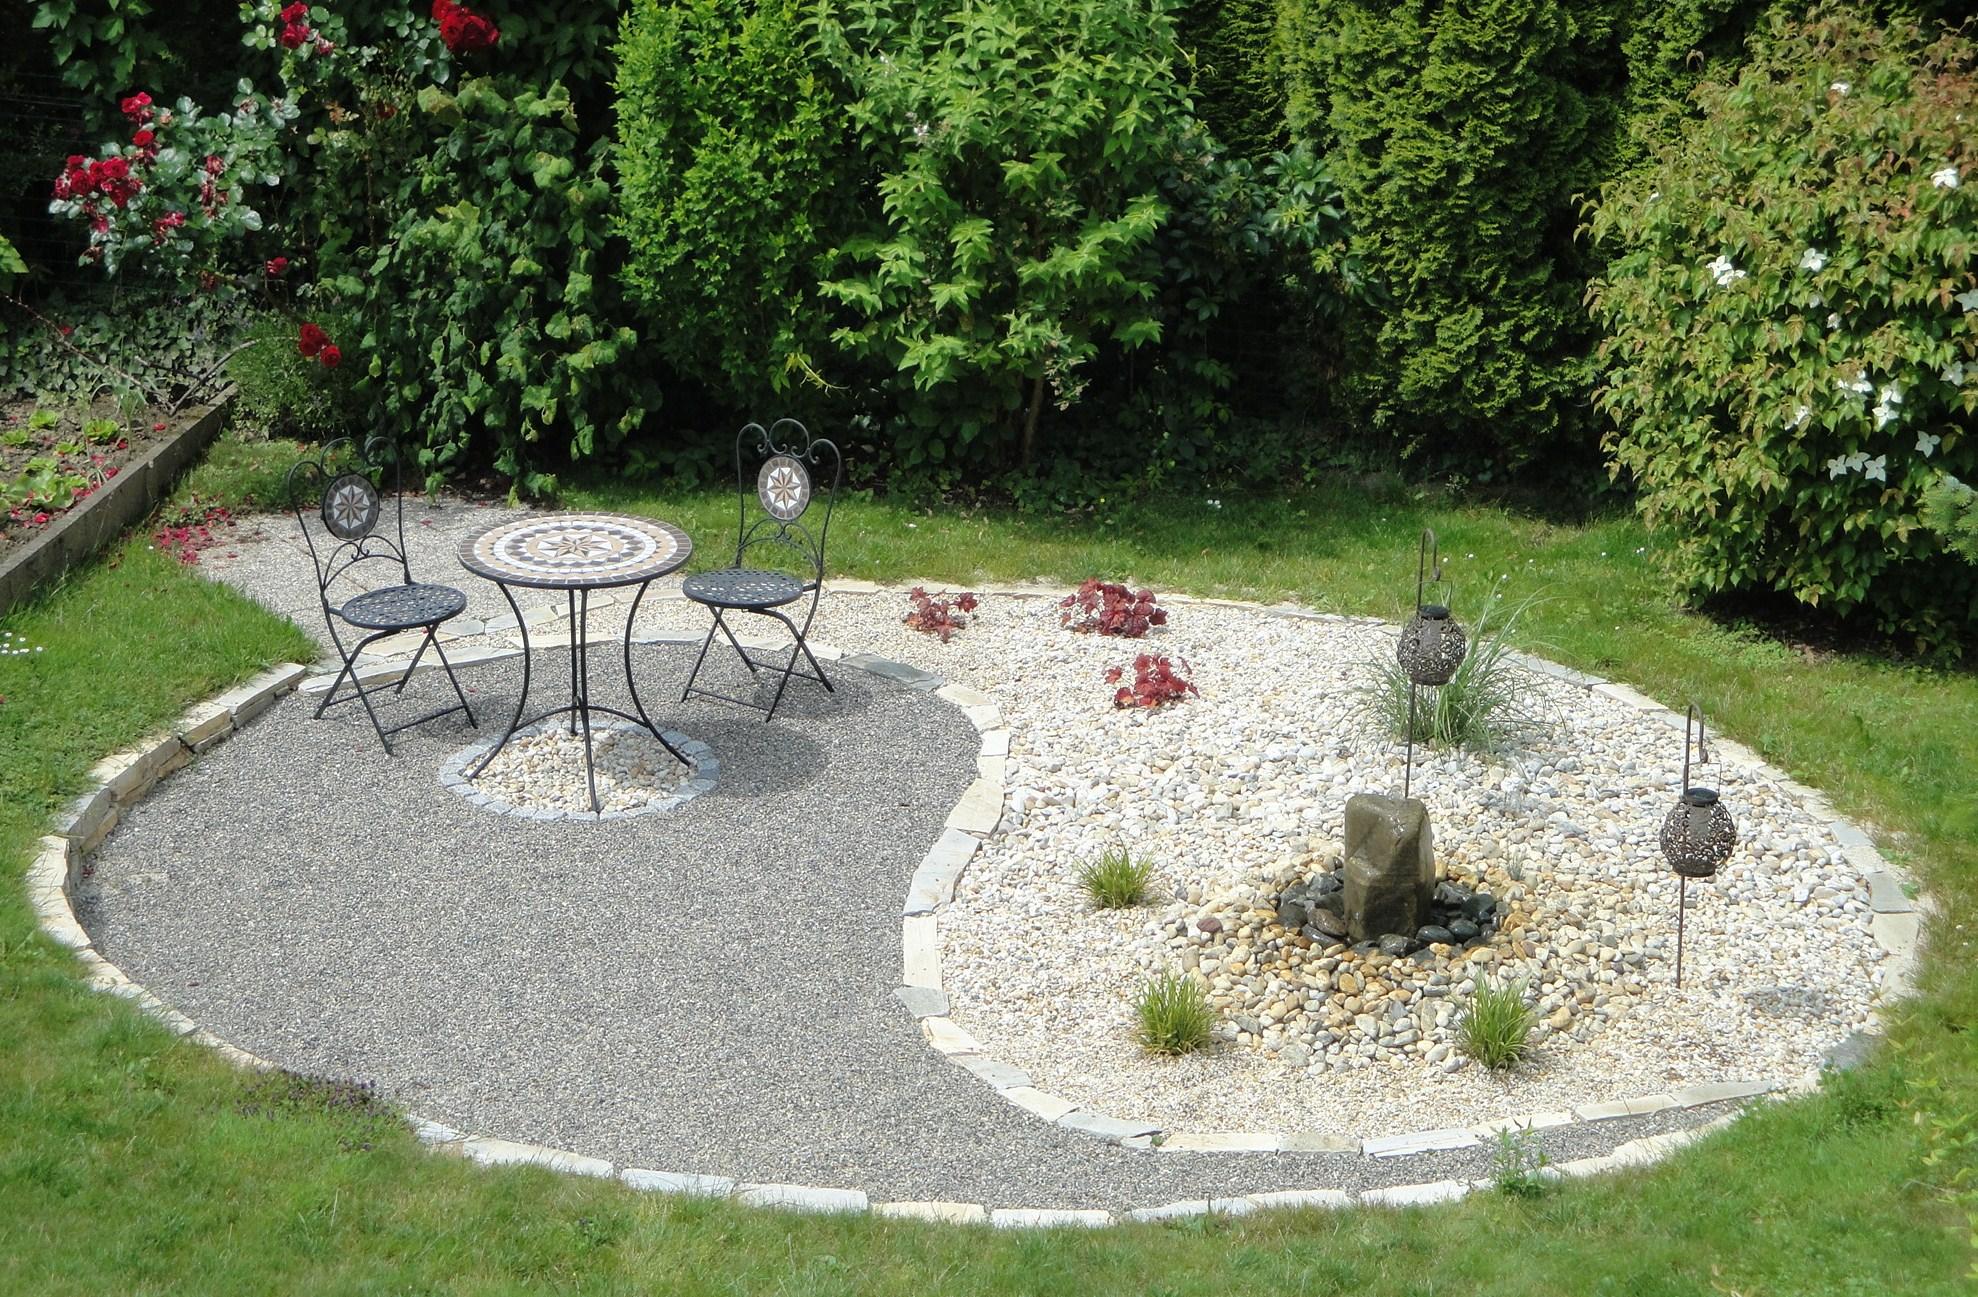 Gartengestaltung gartengestaltung und pflege kammerhofer for Gartengestaltung wege